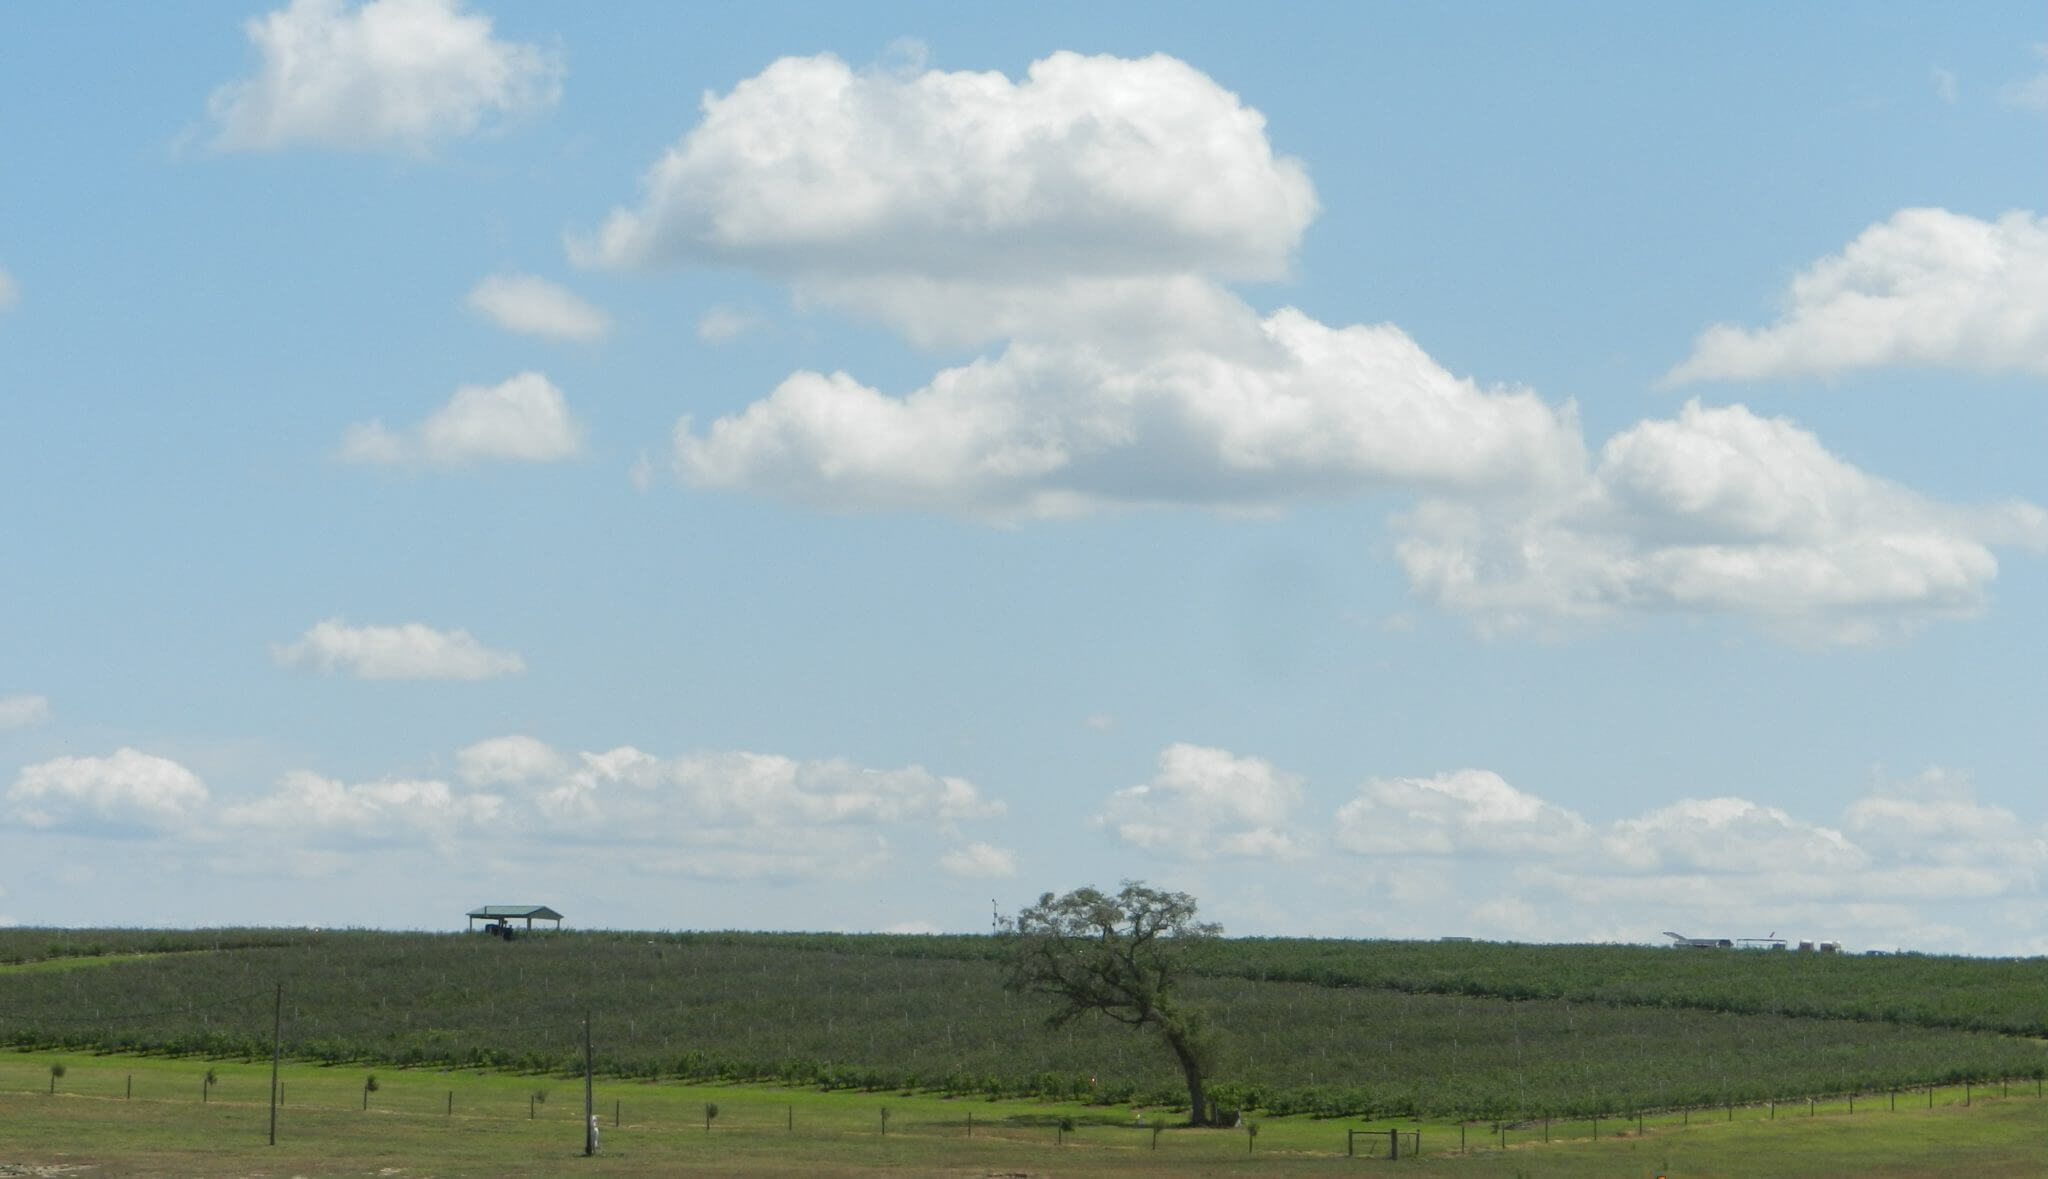 Spring Valley Farms in Umatilla, FL (A Wish Farms Blueberry Grower) #wishfarms